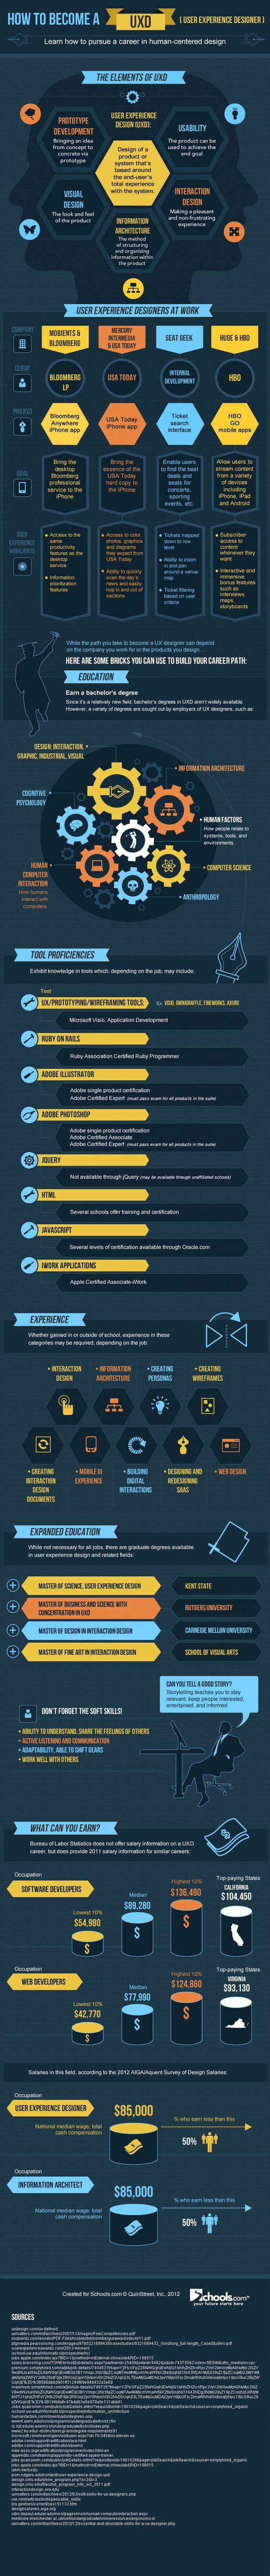 Cómo convertirse en un diseñador de experiencia de usuario vía @TICbeat